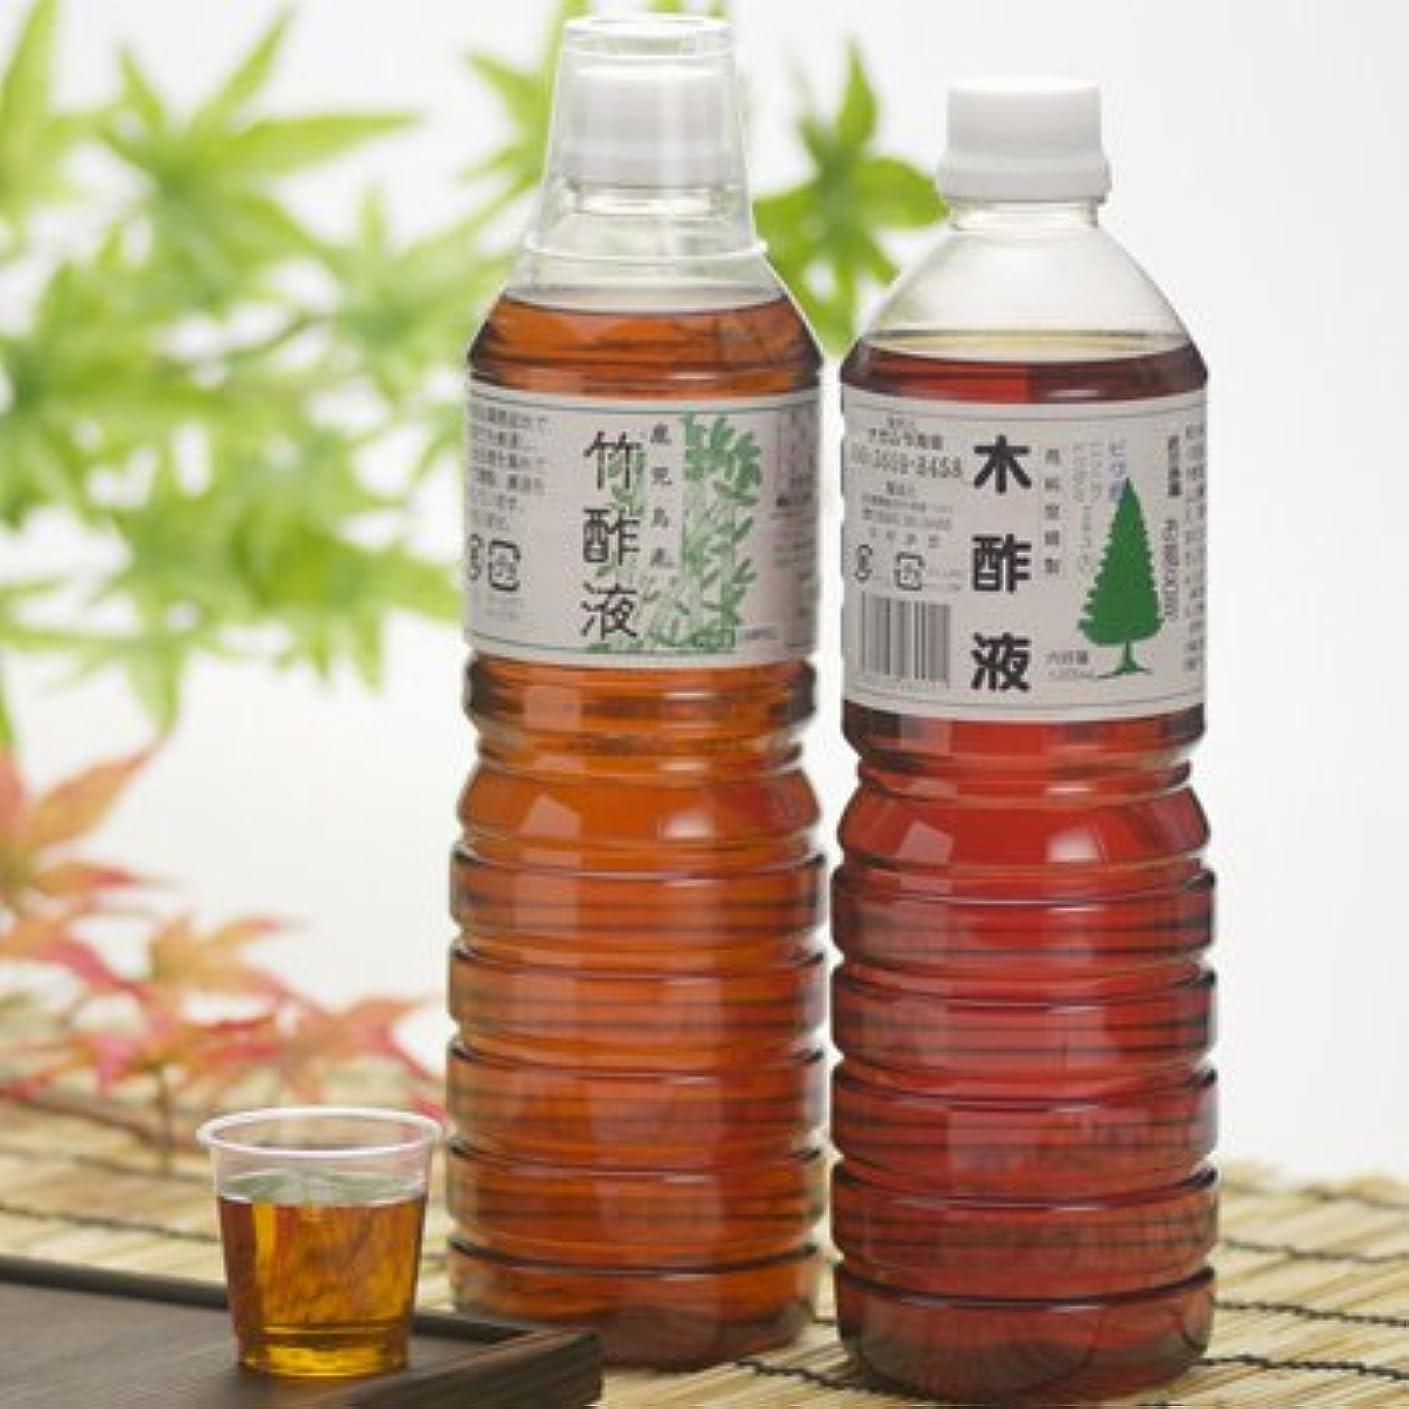 半径画面構造一味違うバスタイムを楽しめる お風呂用(竹?樫)セット ナカムラ商会?鹿児島県